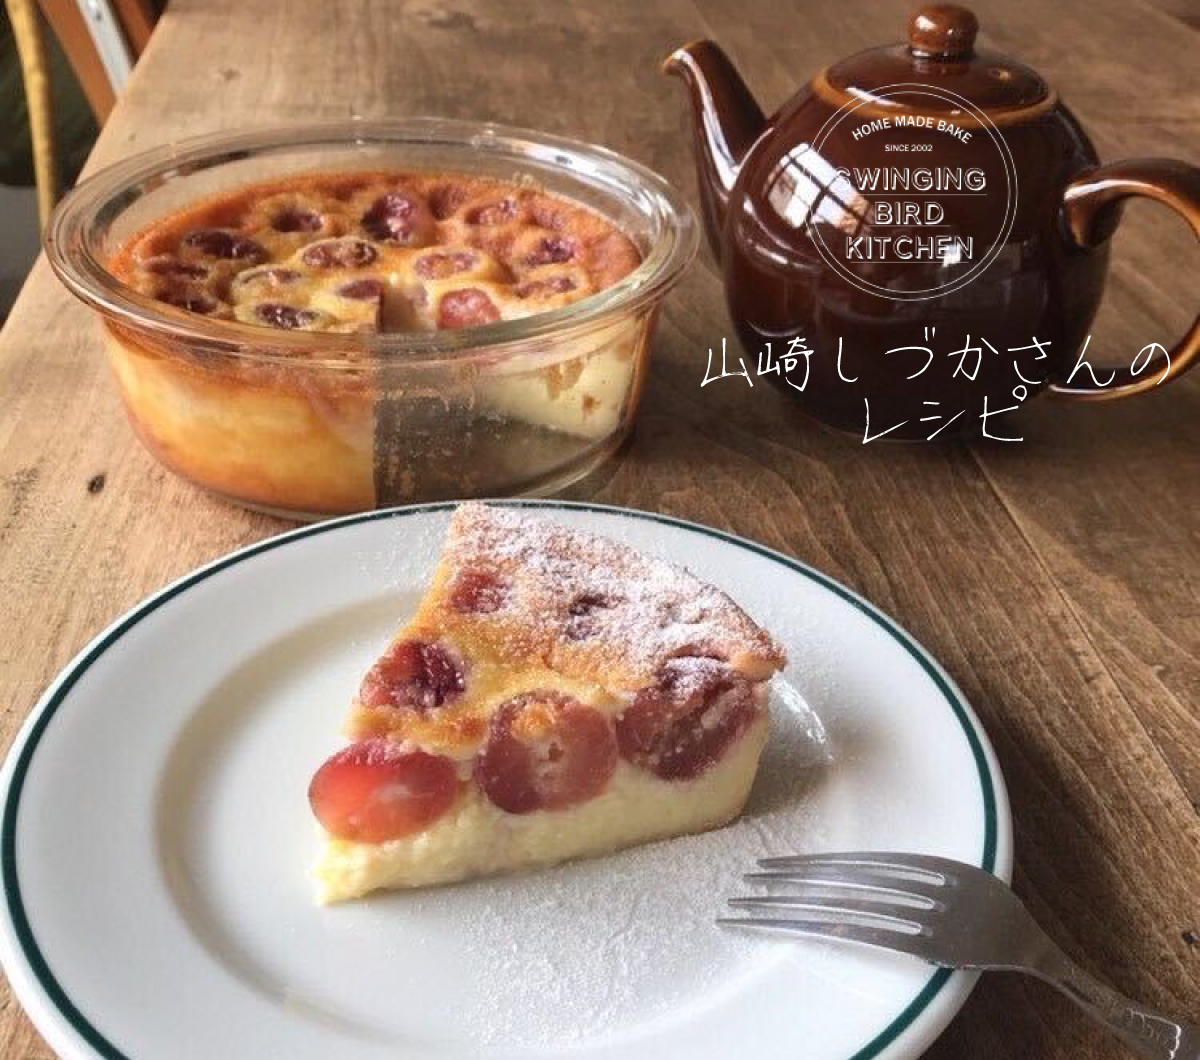 山崎しづかさんのレシピ第二段‼︎ 【アメリカンチェリーのクラフティ】